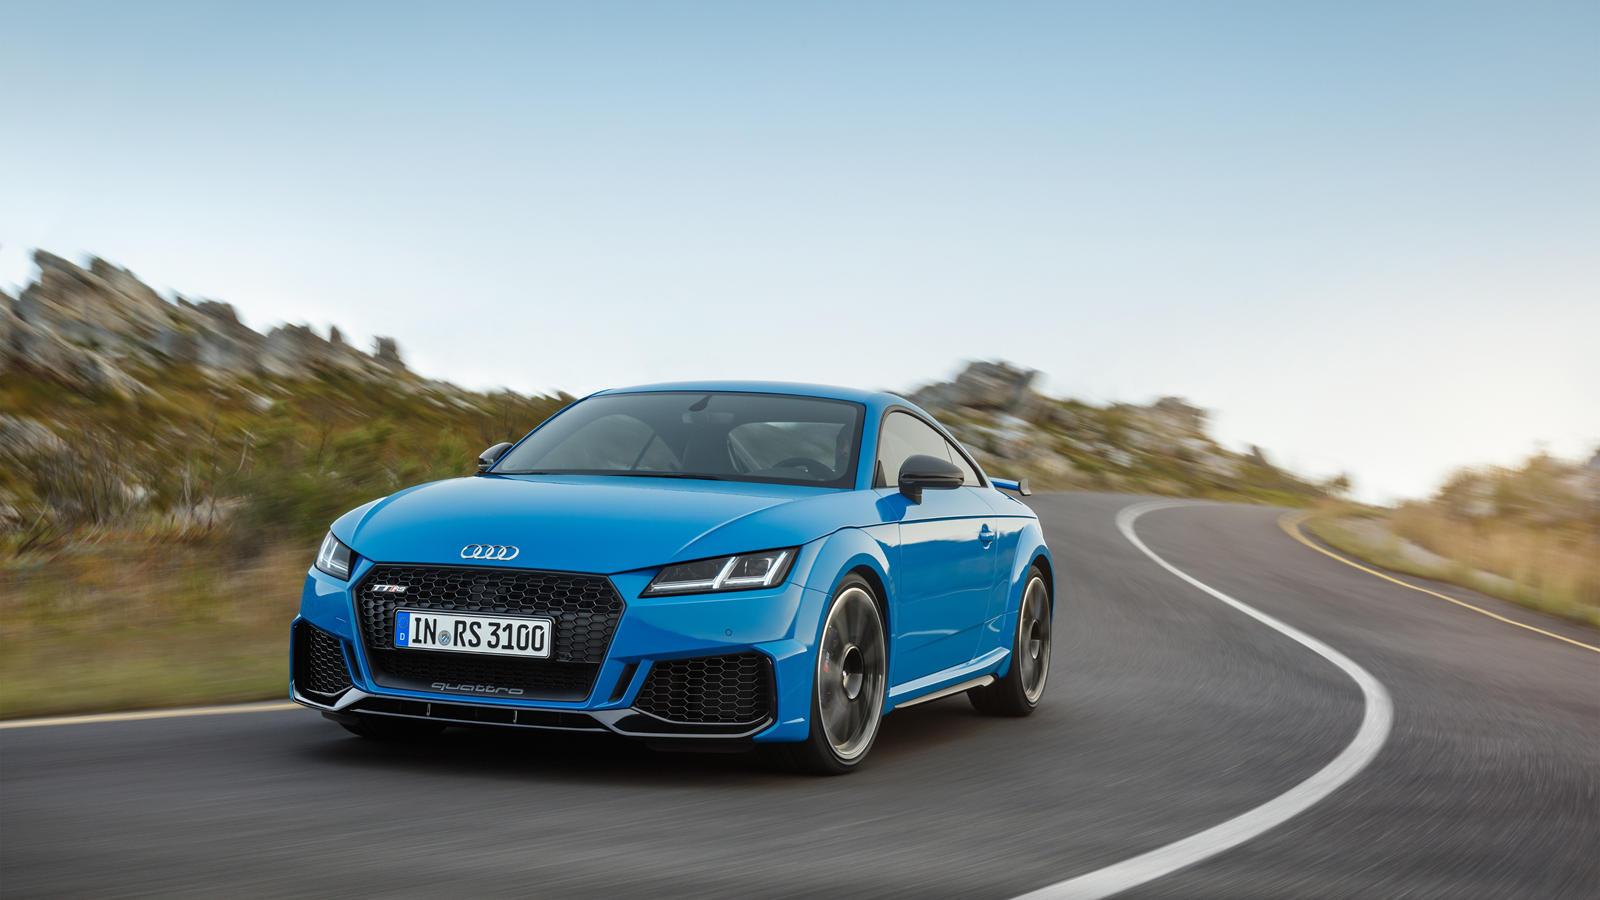 Audi Ra Mắt Phien Bản Facelift Của Tt Rs Coupe Va Roadster